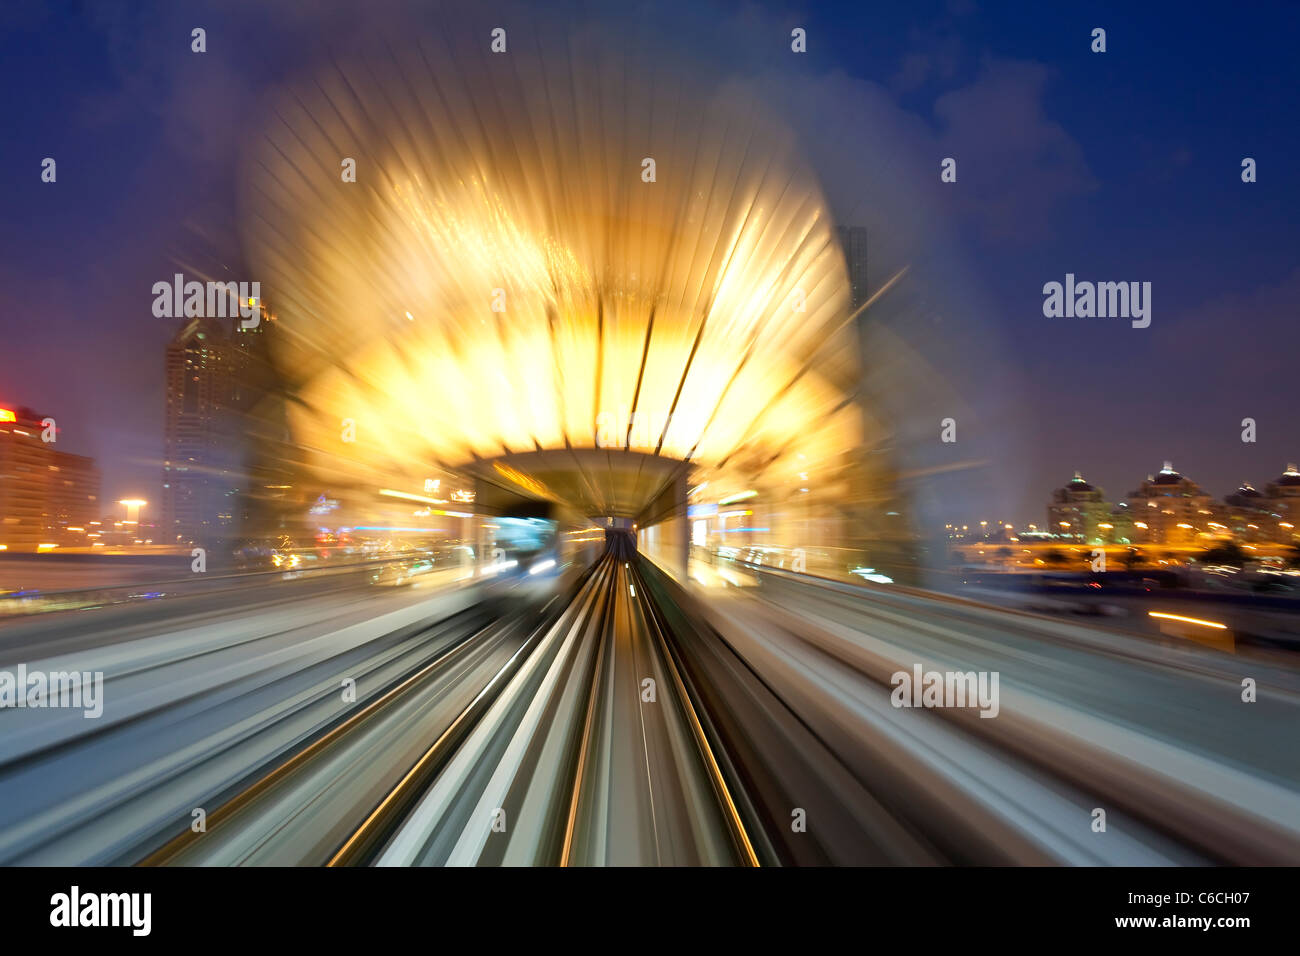 Inaugurado en 2010, el Metro de Dubai, MRT, en movimiento acercándose a una estación, Dubai, Emiratos Árabes Unidos. Foto de stock